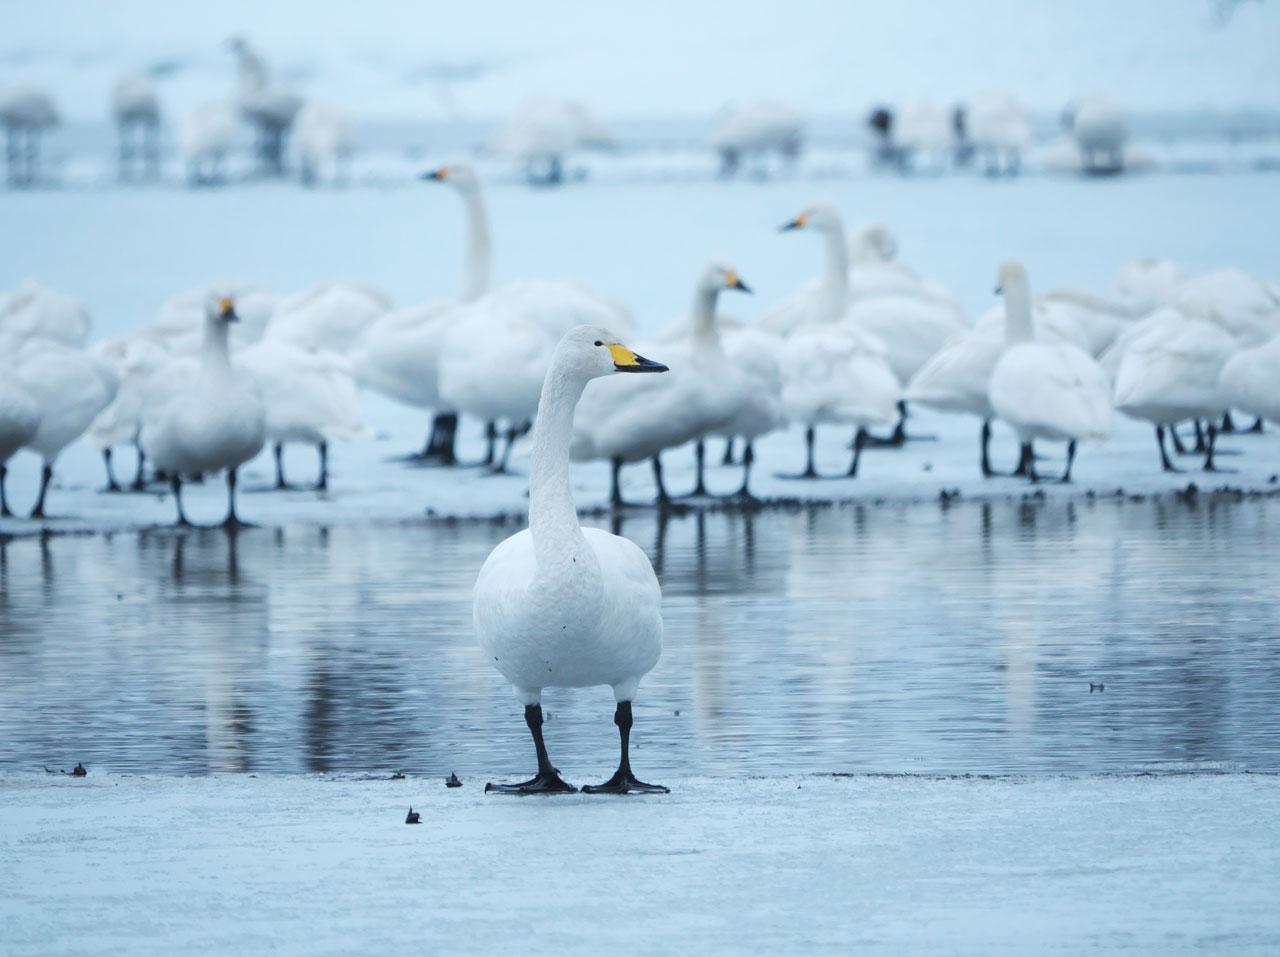 冬の瓢湖6:LUMIX DMC-G99+LEICA DG VARIO-ELMAR 100-400mm/F4.0-6.3